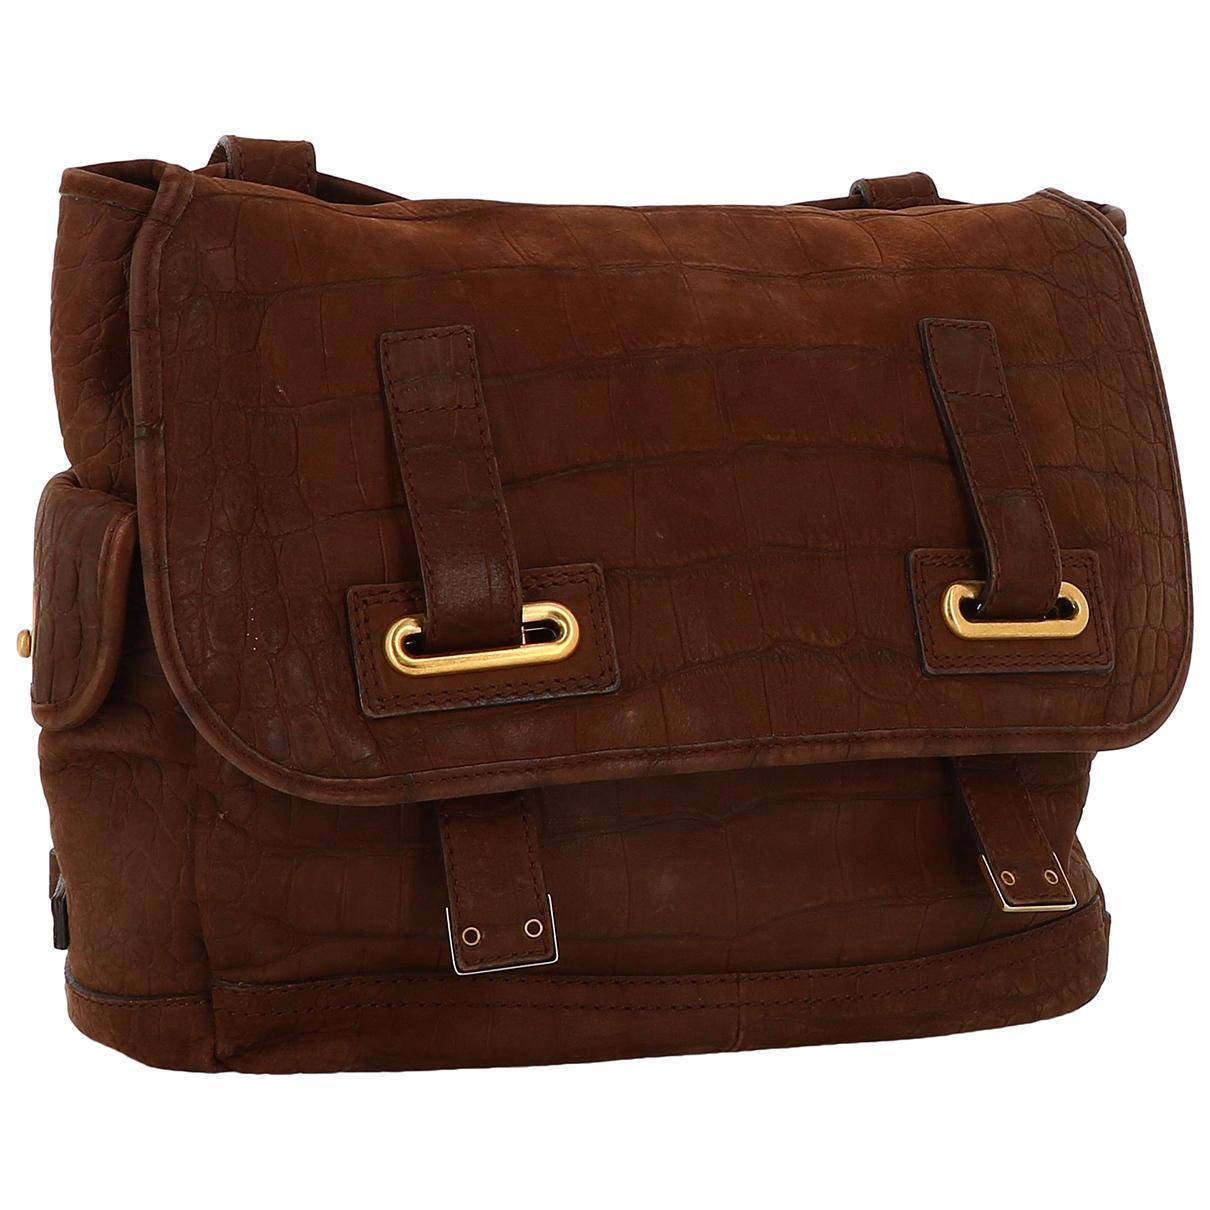 Yves Saint Laurent Messenger Burgundy Leather handbag for Women N